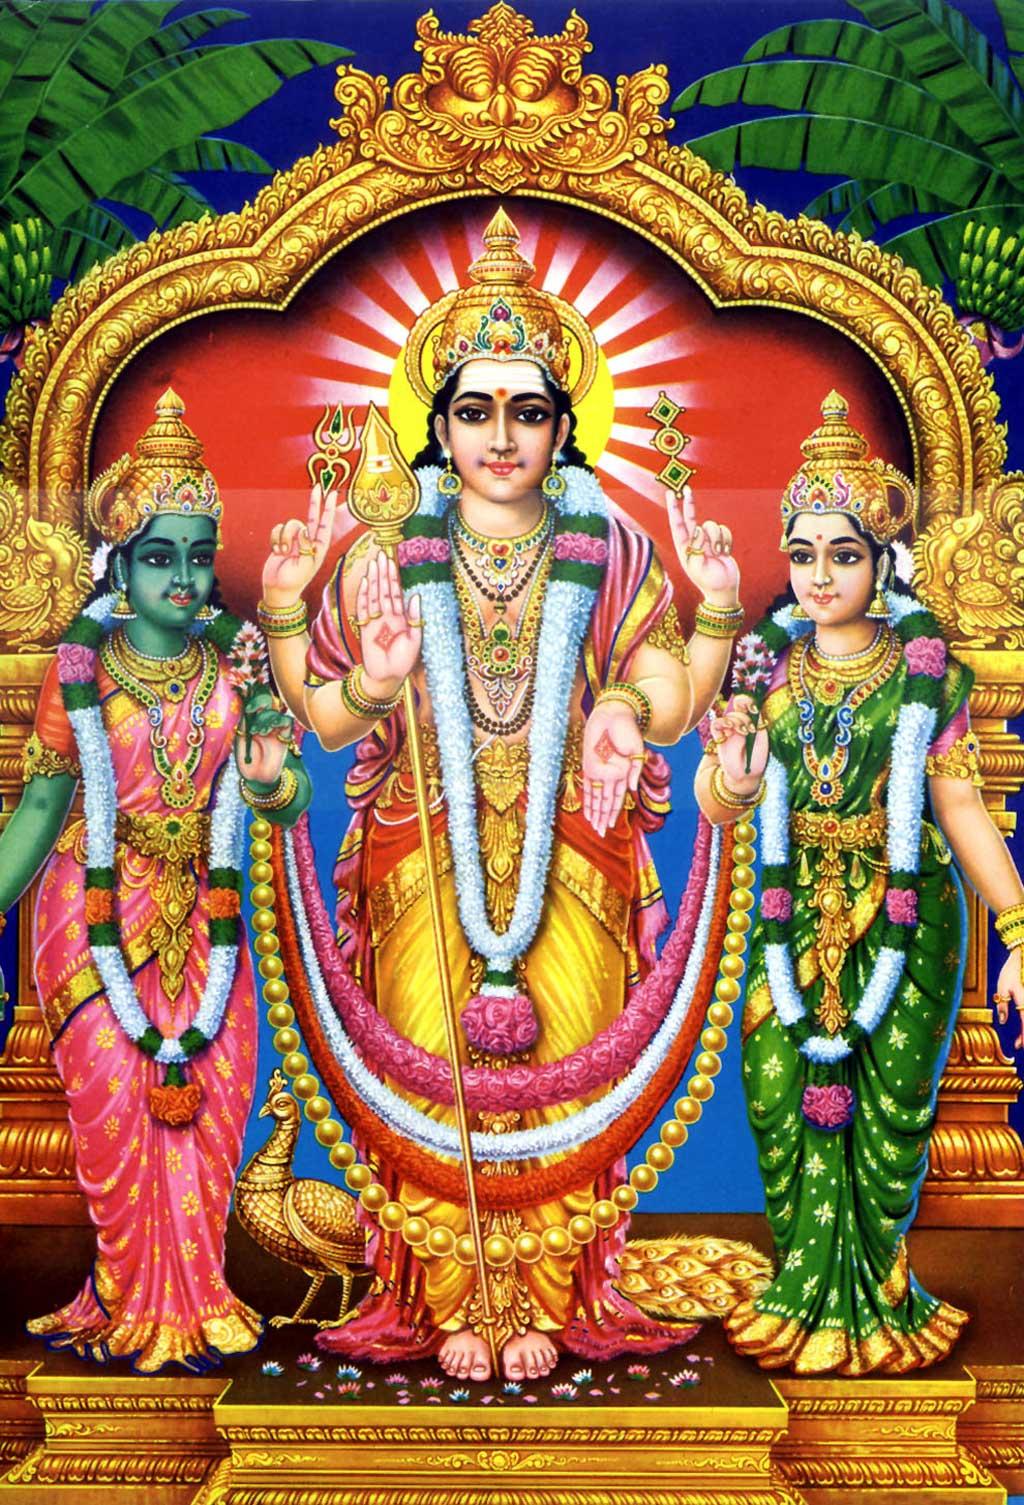 Hindu God Krishna Wallpaper 3d Subramanya Swamy Temple Ulsuru Ulsoor Nrameshrao